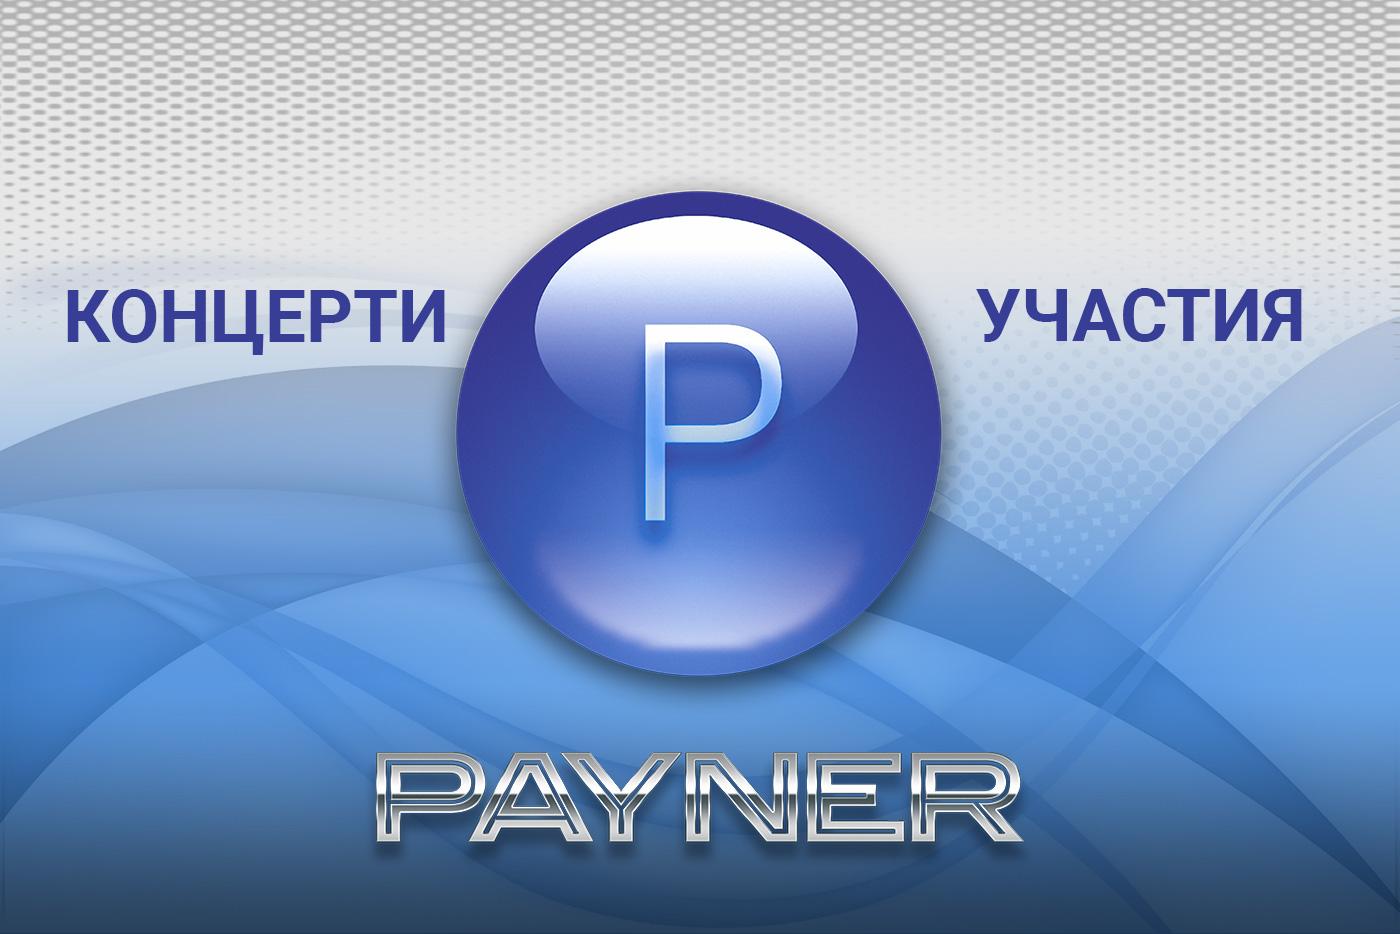 """Участия на звездите на """"Пайнер"""" на 25.11.2019"""